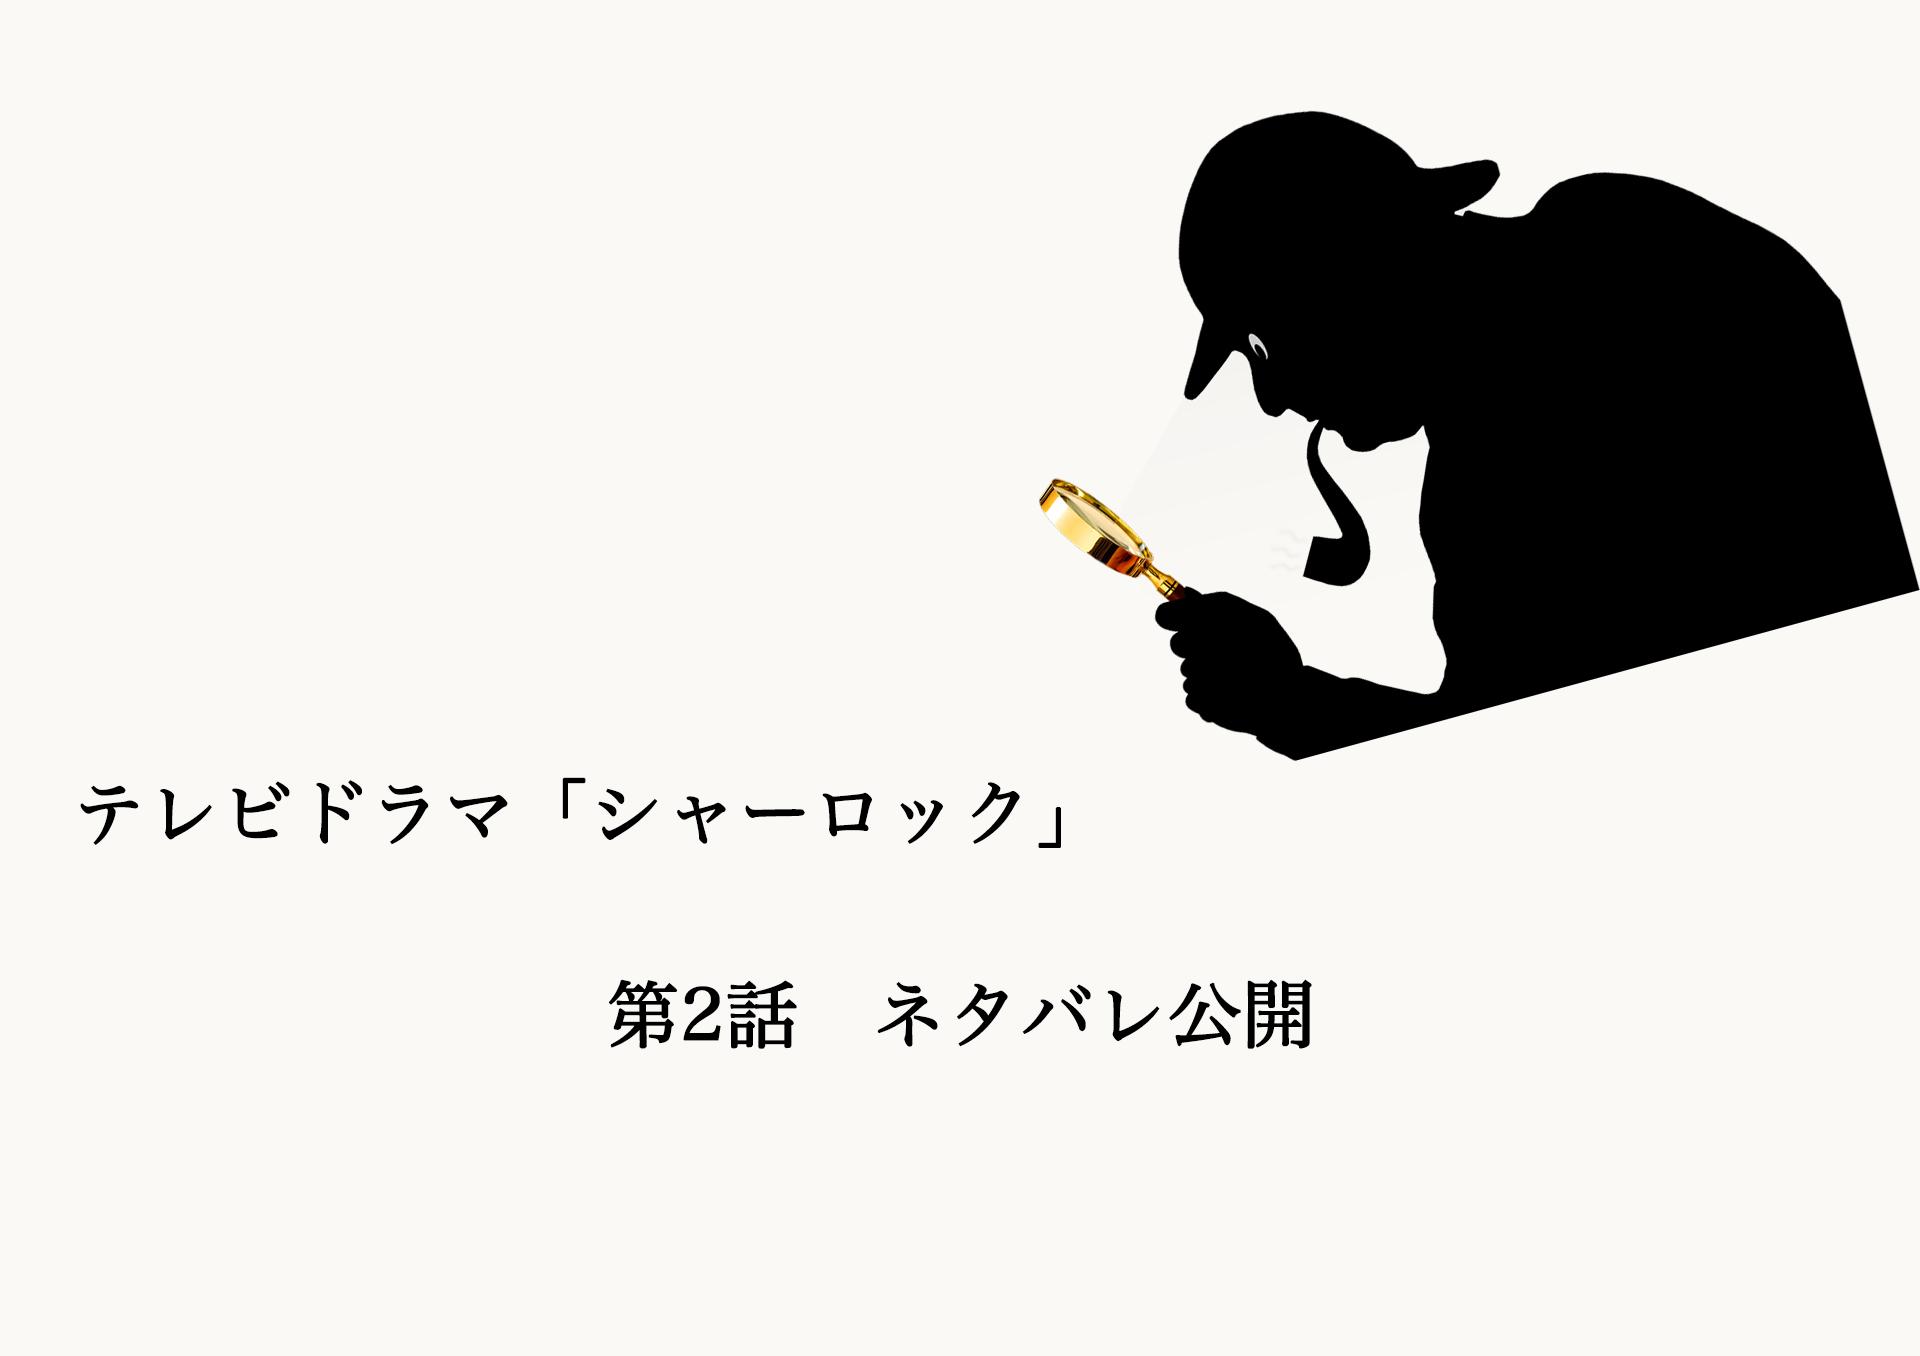 「シャーロック」第2話のネタバレ公開 見逃したら動画で無料視聴できる?